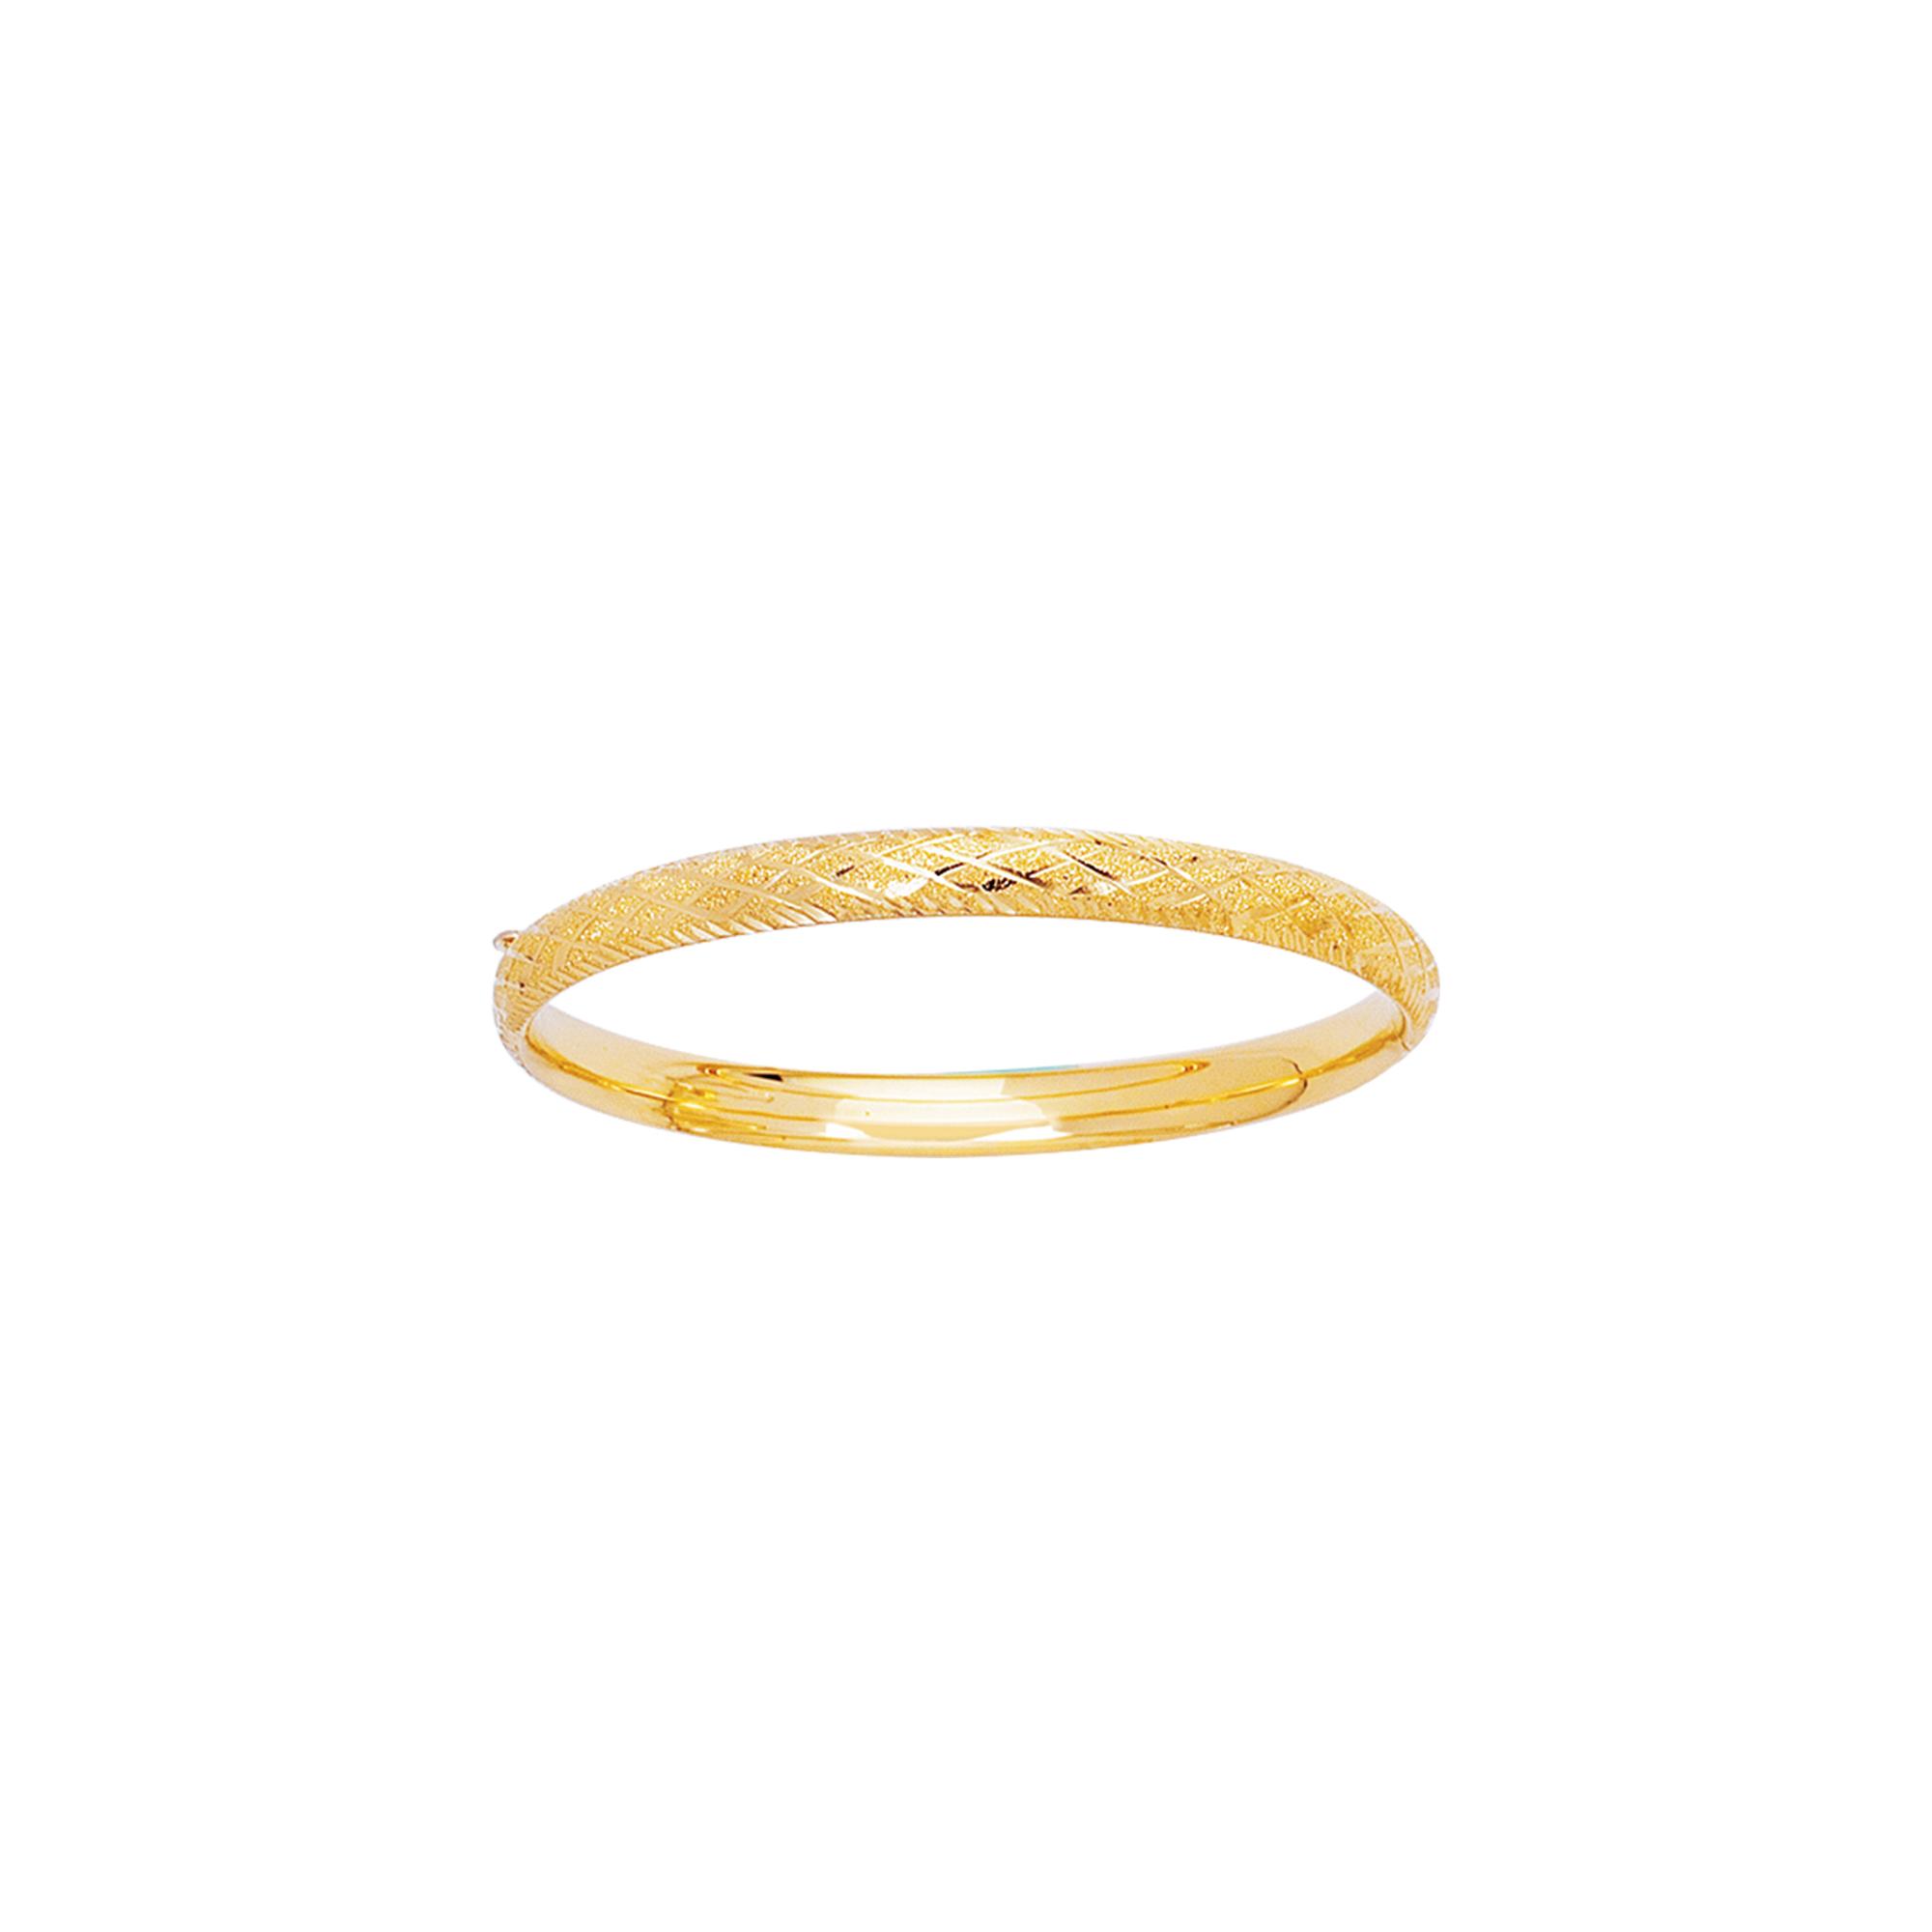 14k Yellow Gold 5mm Engraved Baby Children Kids Bangle Bracelet 5.5